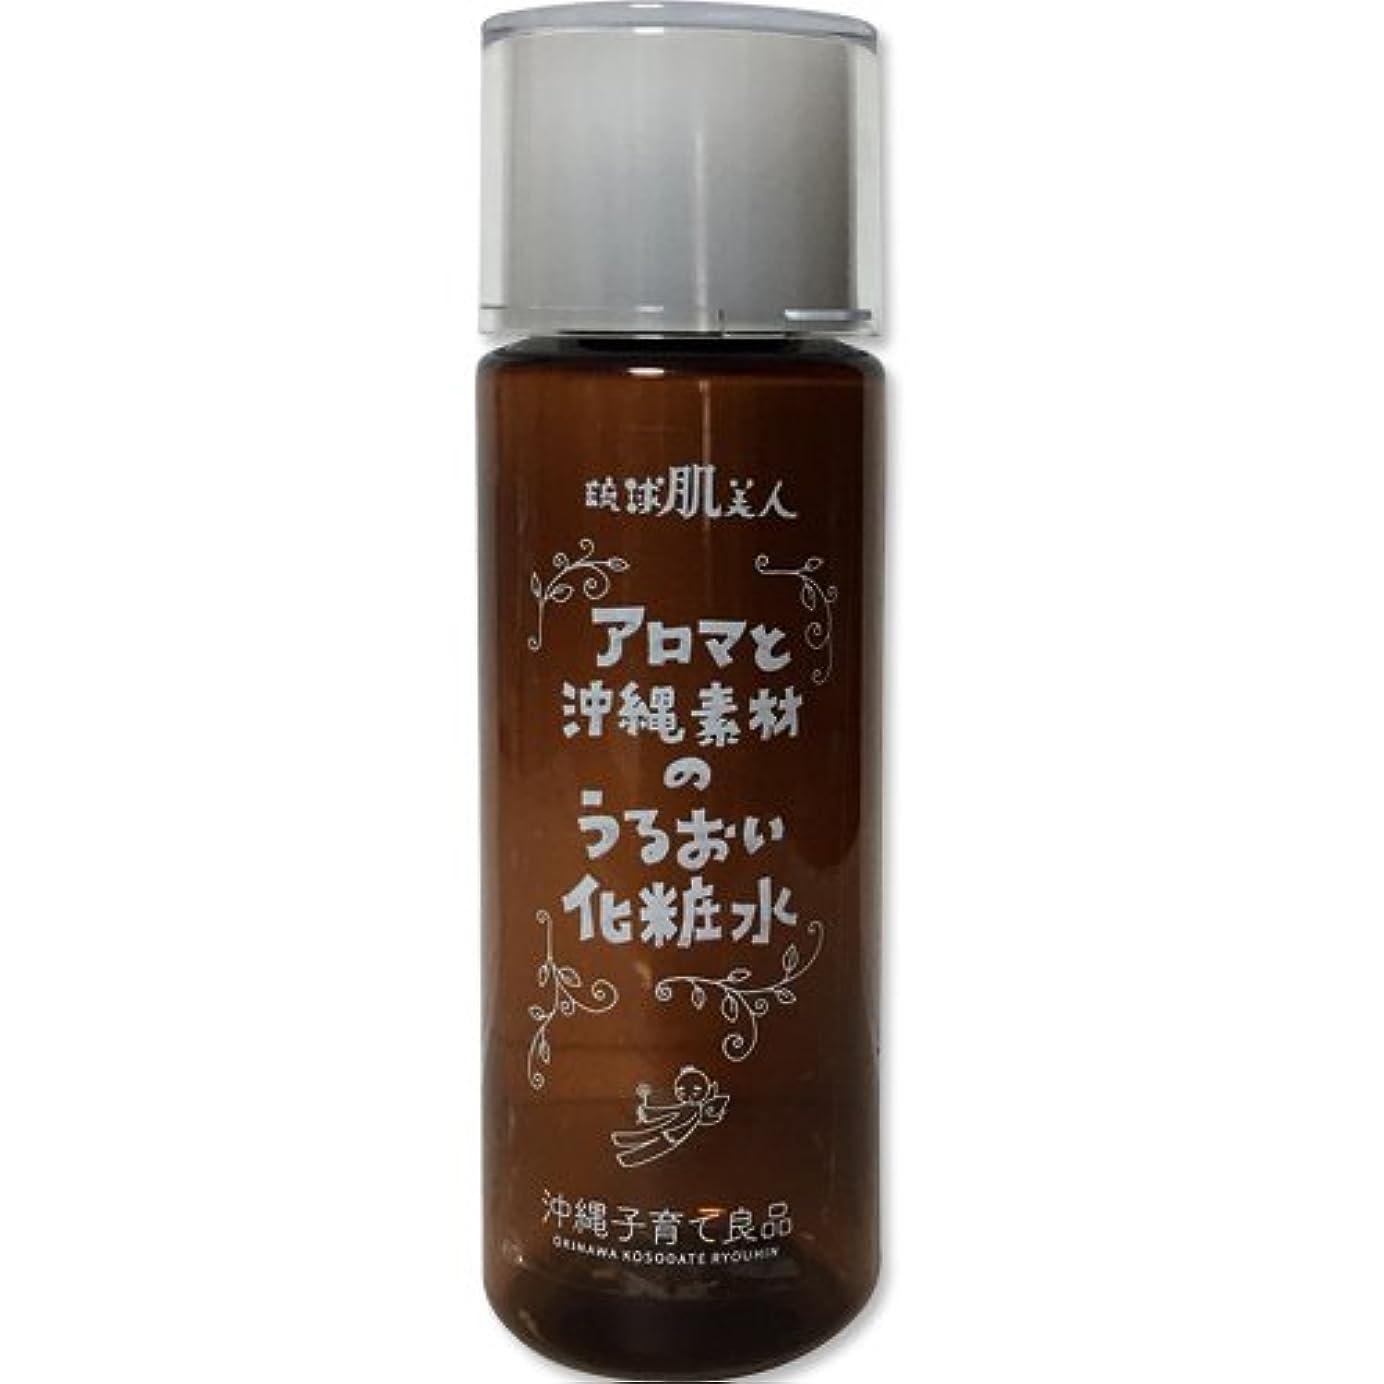 リスナー感心する資源保湿 化粧水 無添加 アルコールフリー アロマと沖縄素材のうるおい化粧水 120ml